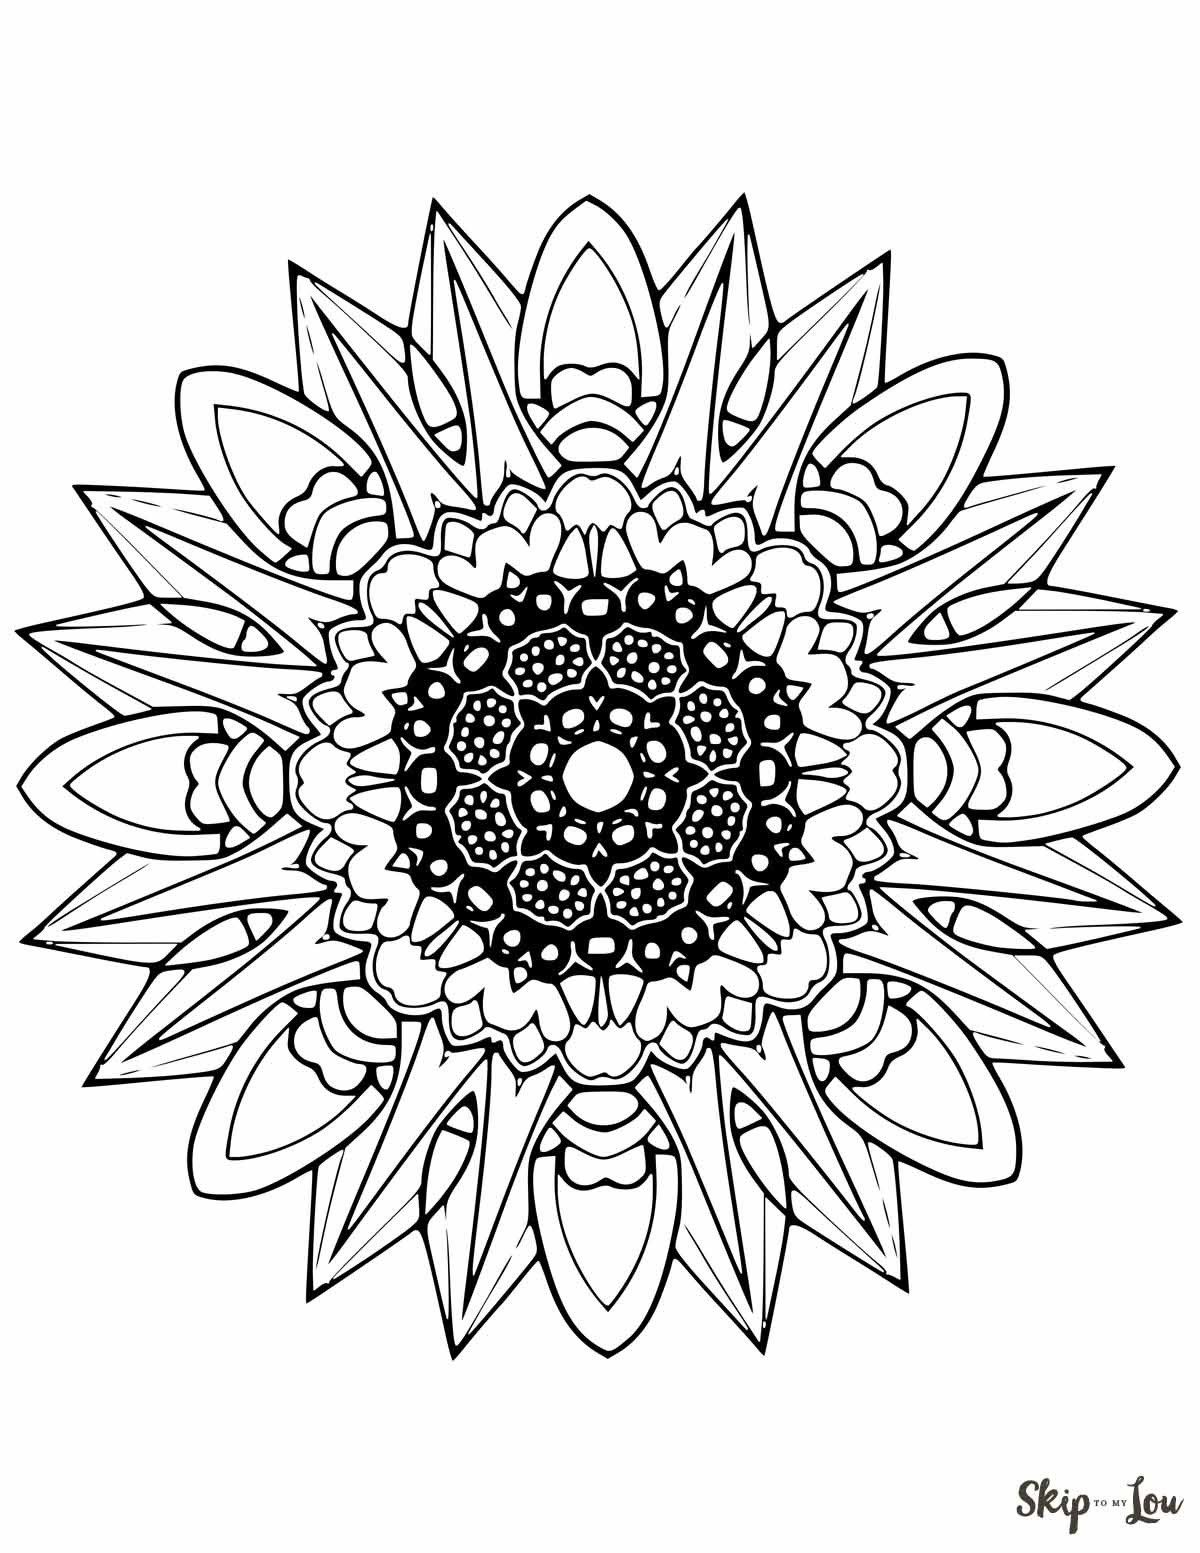 Free Mandala Coloring Pages Arts Crafts Mandalas Bordado